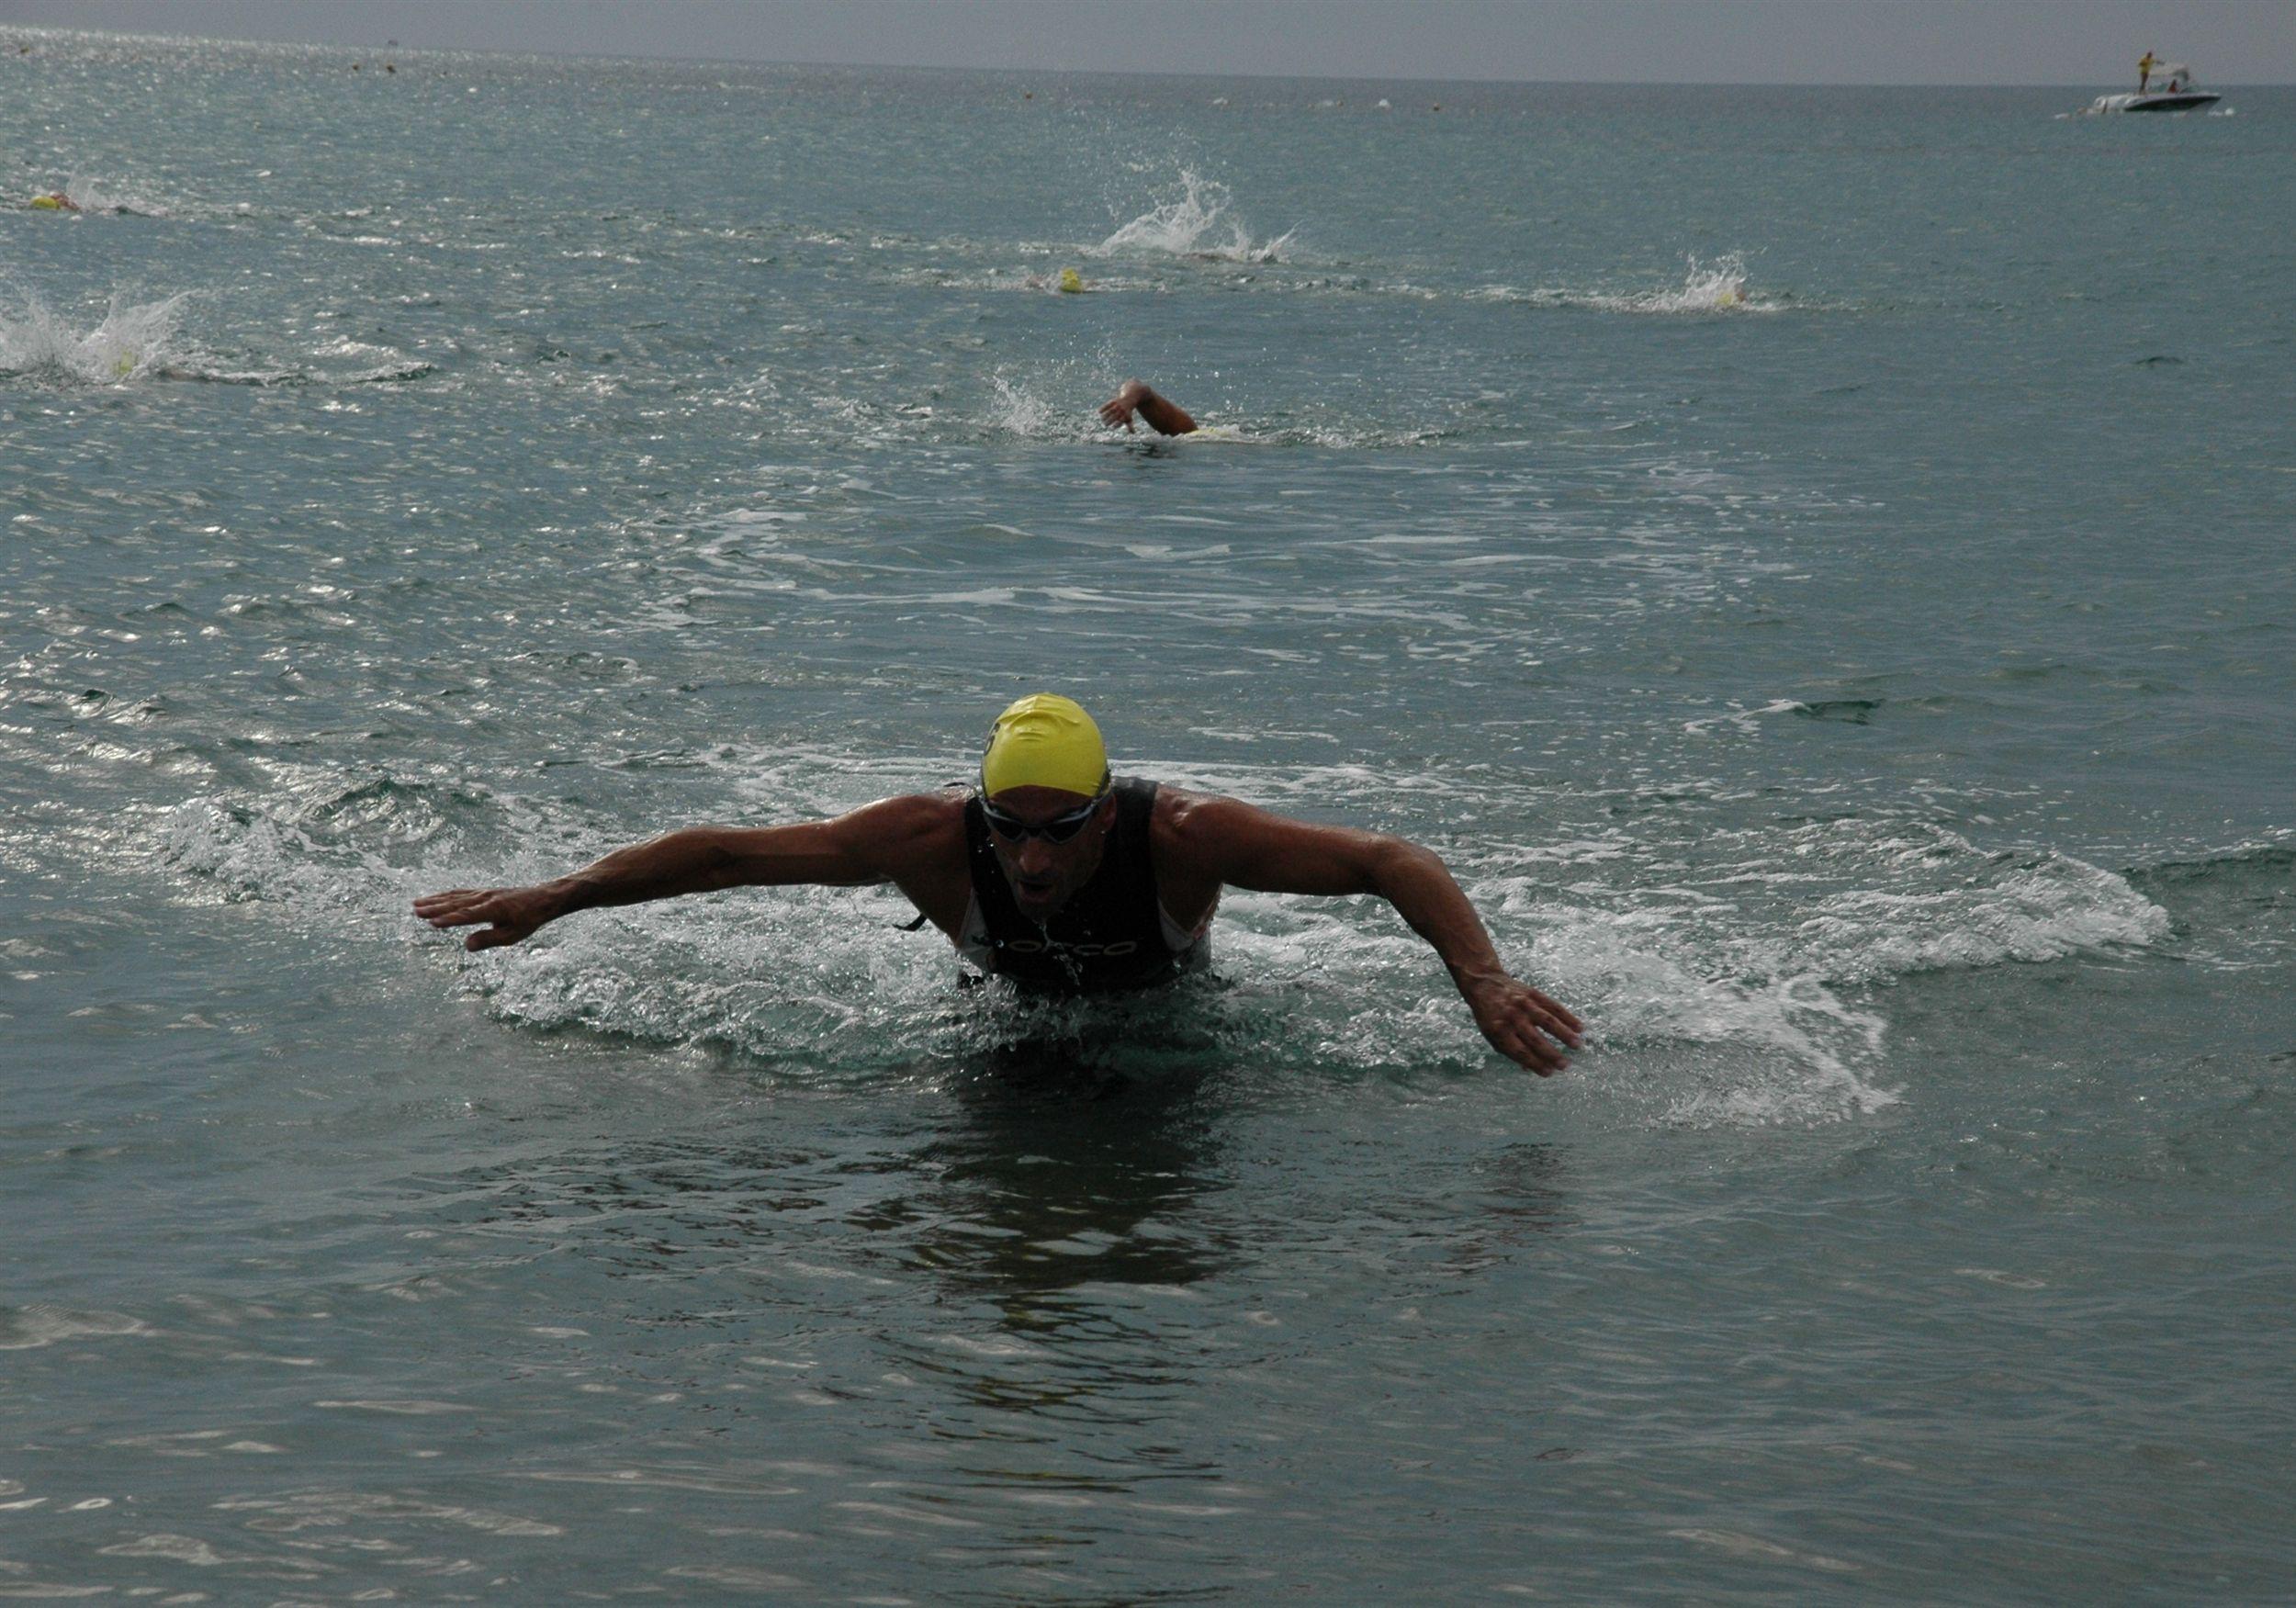 Τεχνική κολύμβησης : Το φαινόμενο του «πεσμένου αγκώνα».